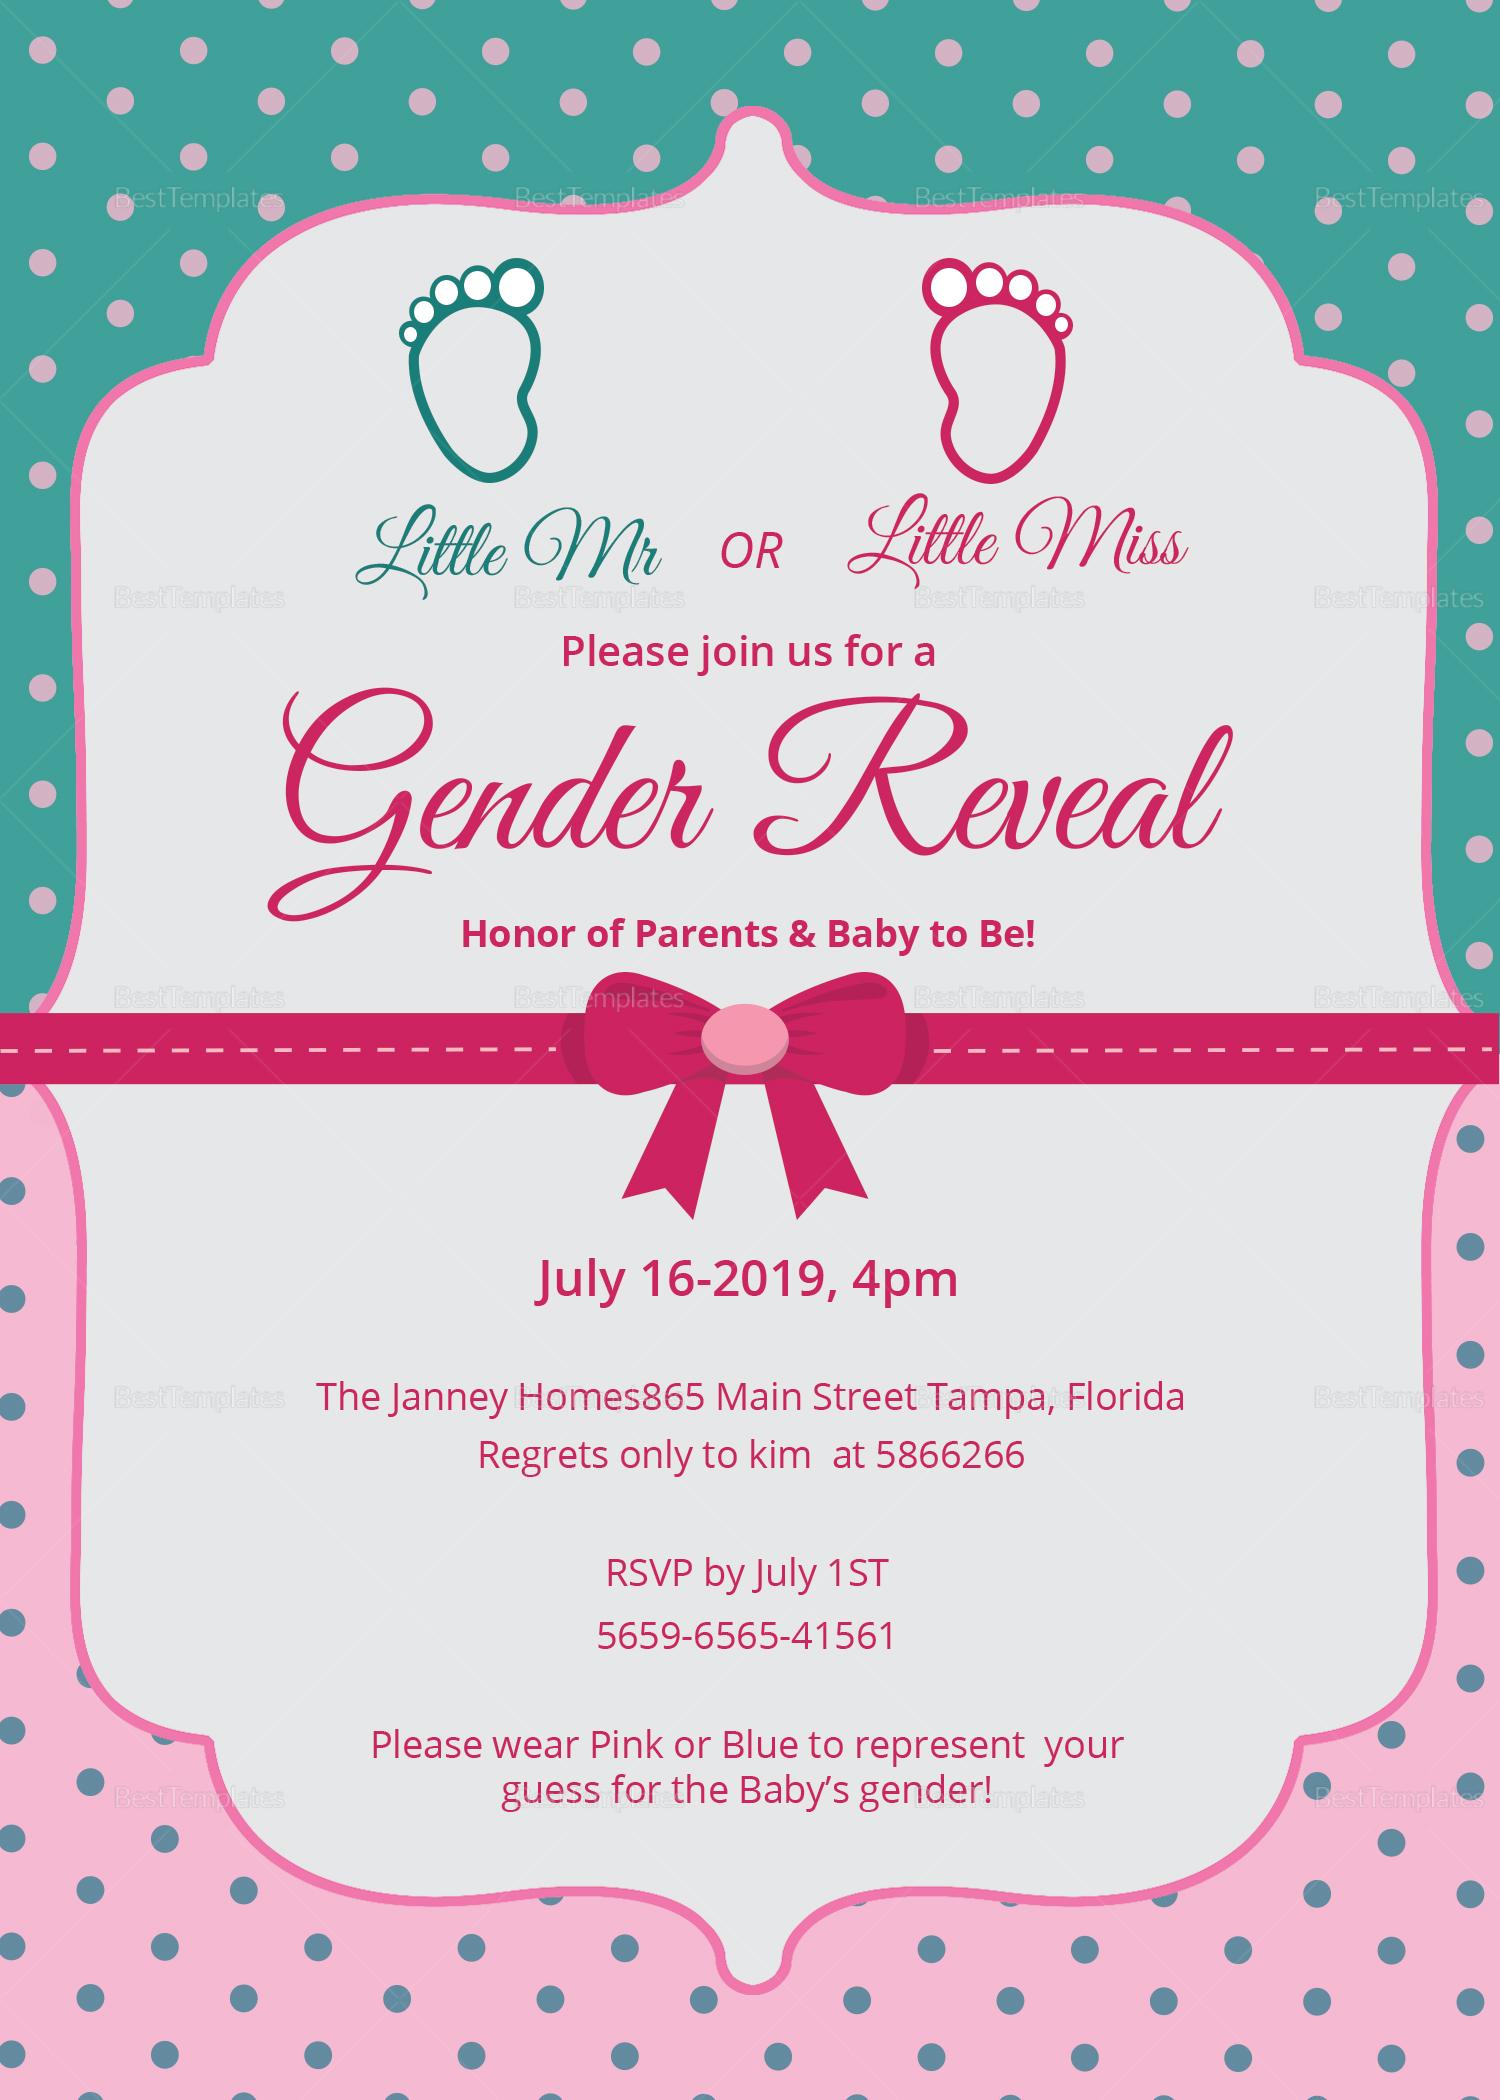 Elegant Gender Reveal Invitation Card Design